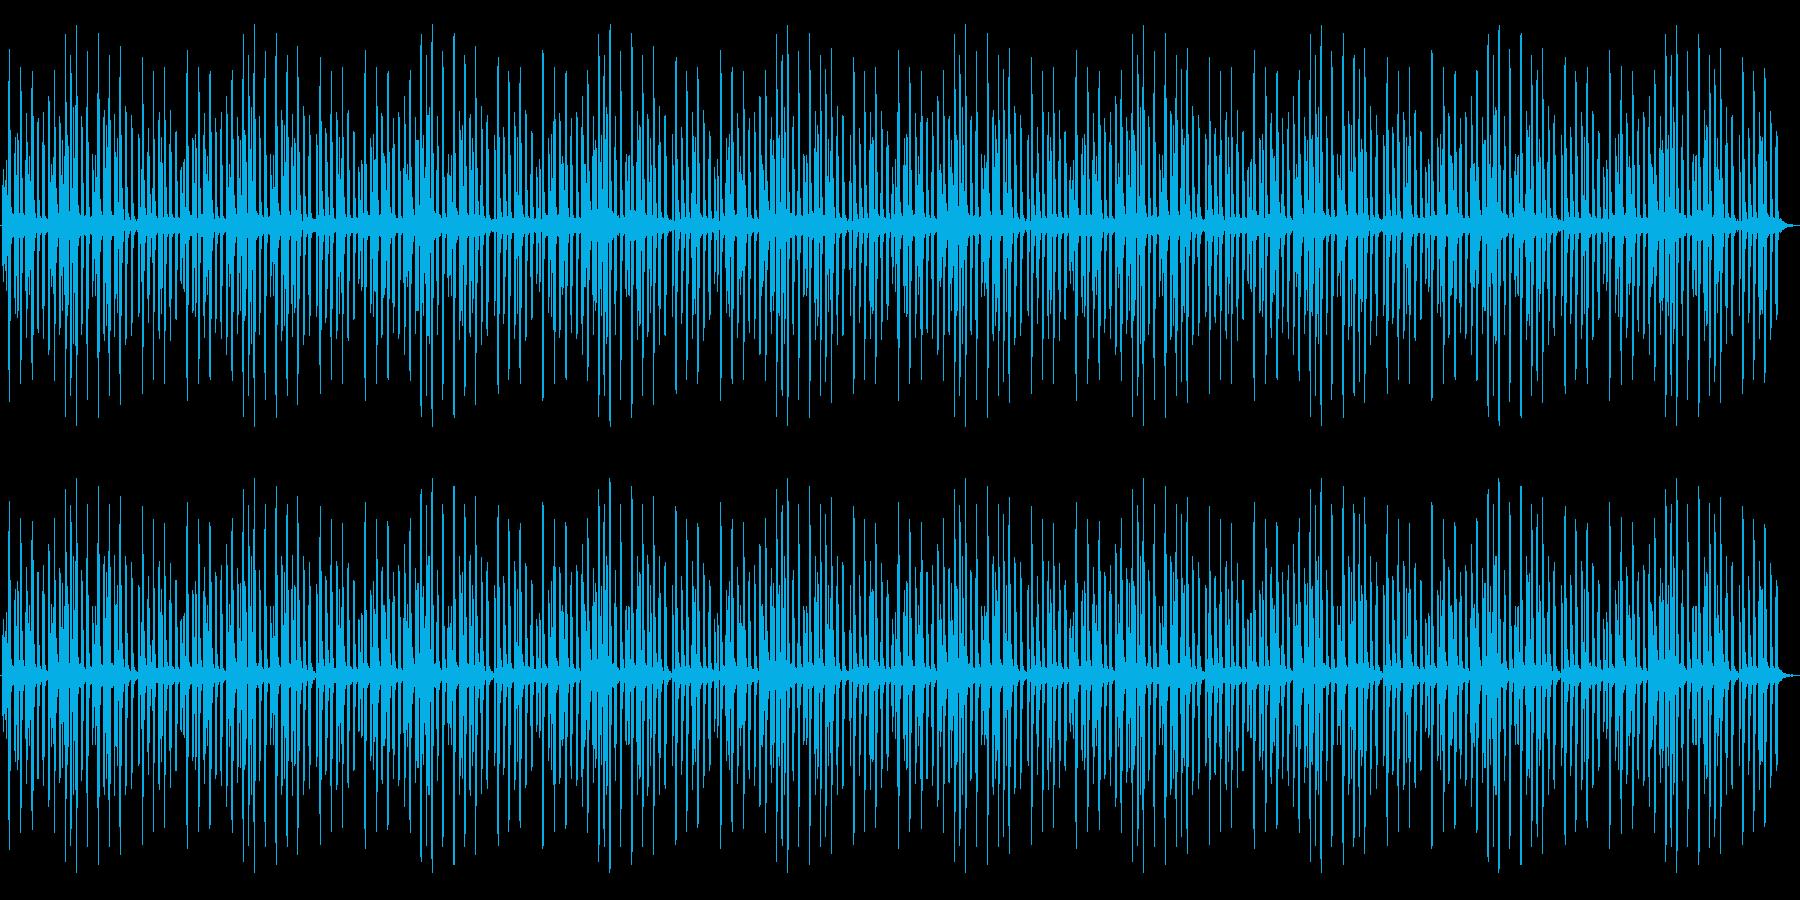 マリンバ音色による、とても可愛いメロディの再生済みの波形